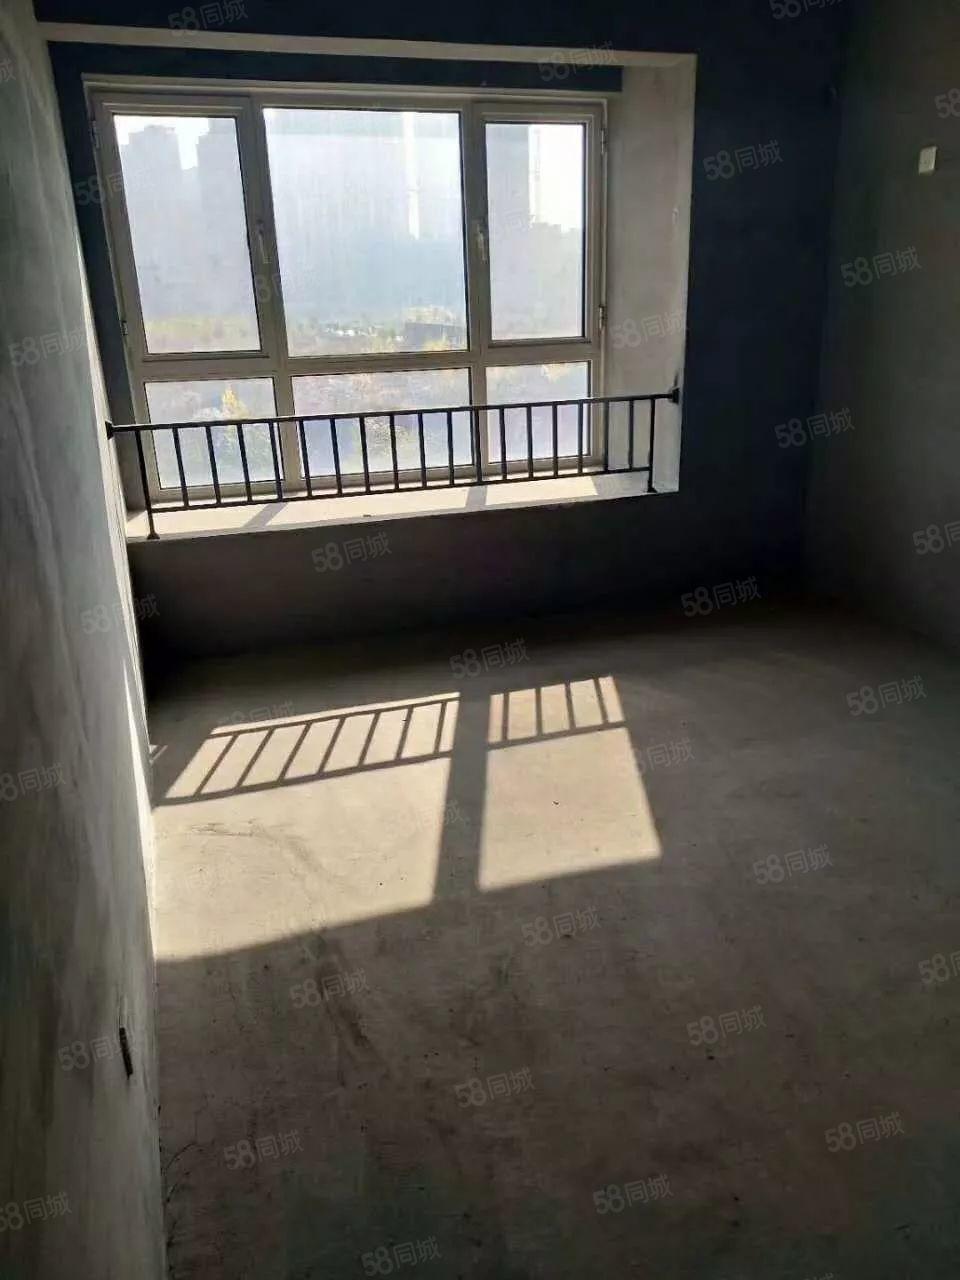 天成锦江苑94平米83万毛坯通透户型随时看房